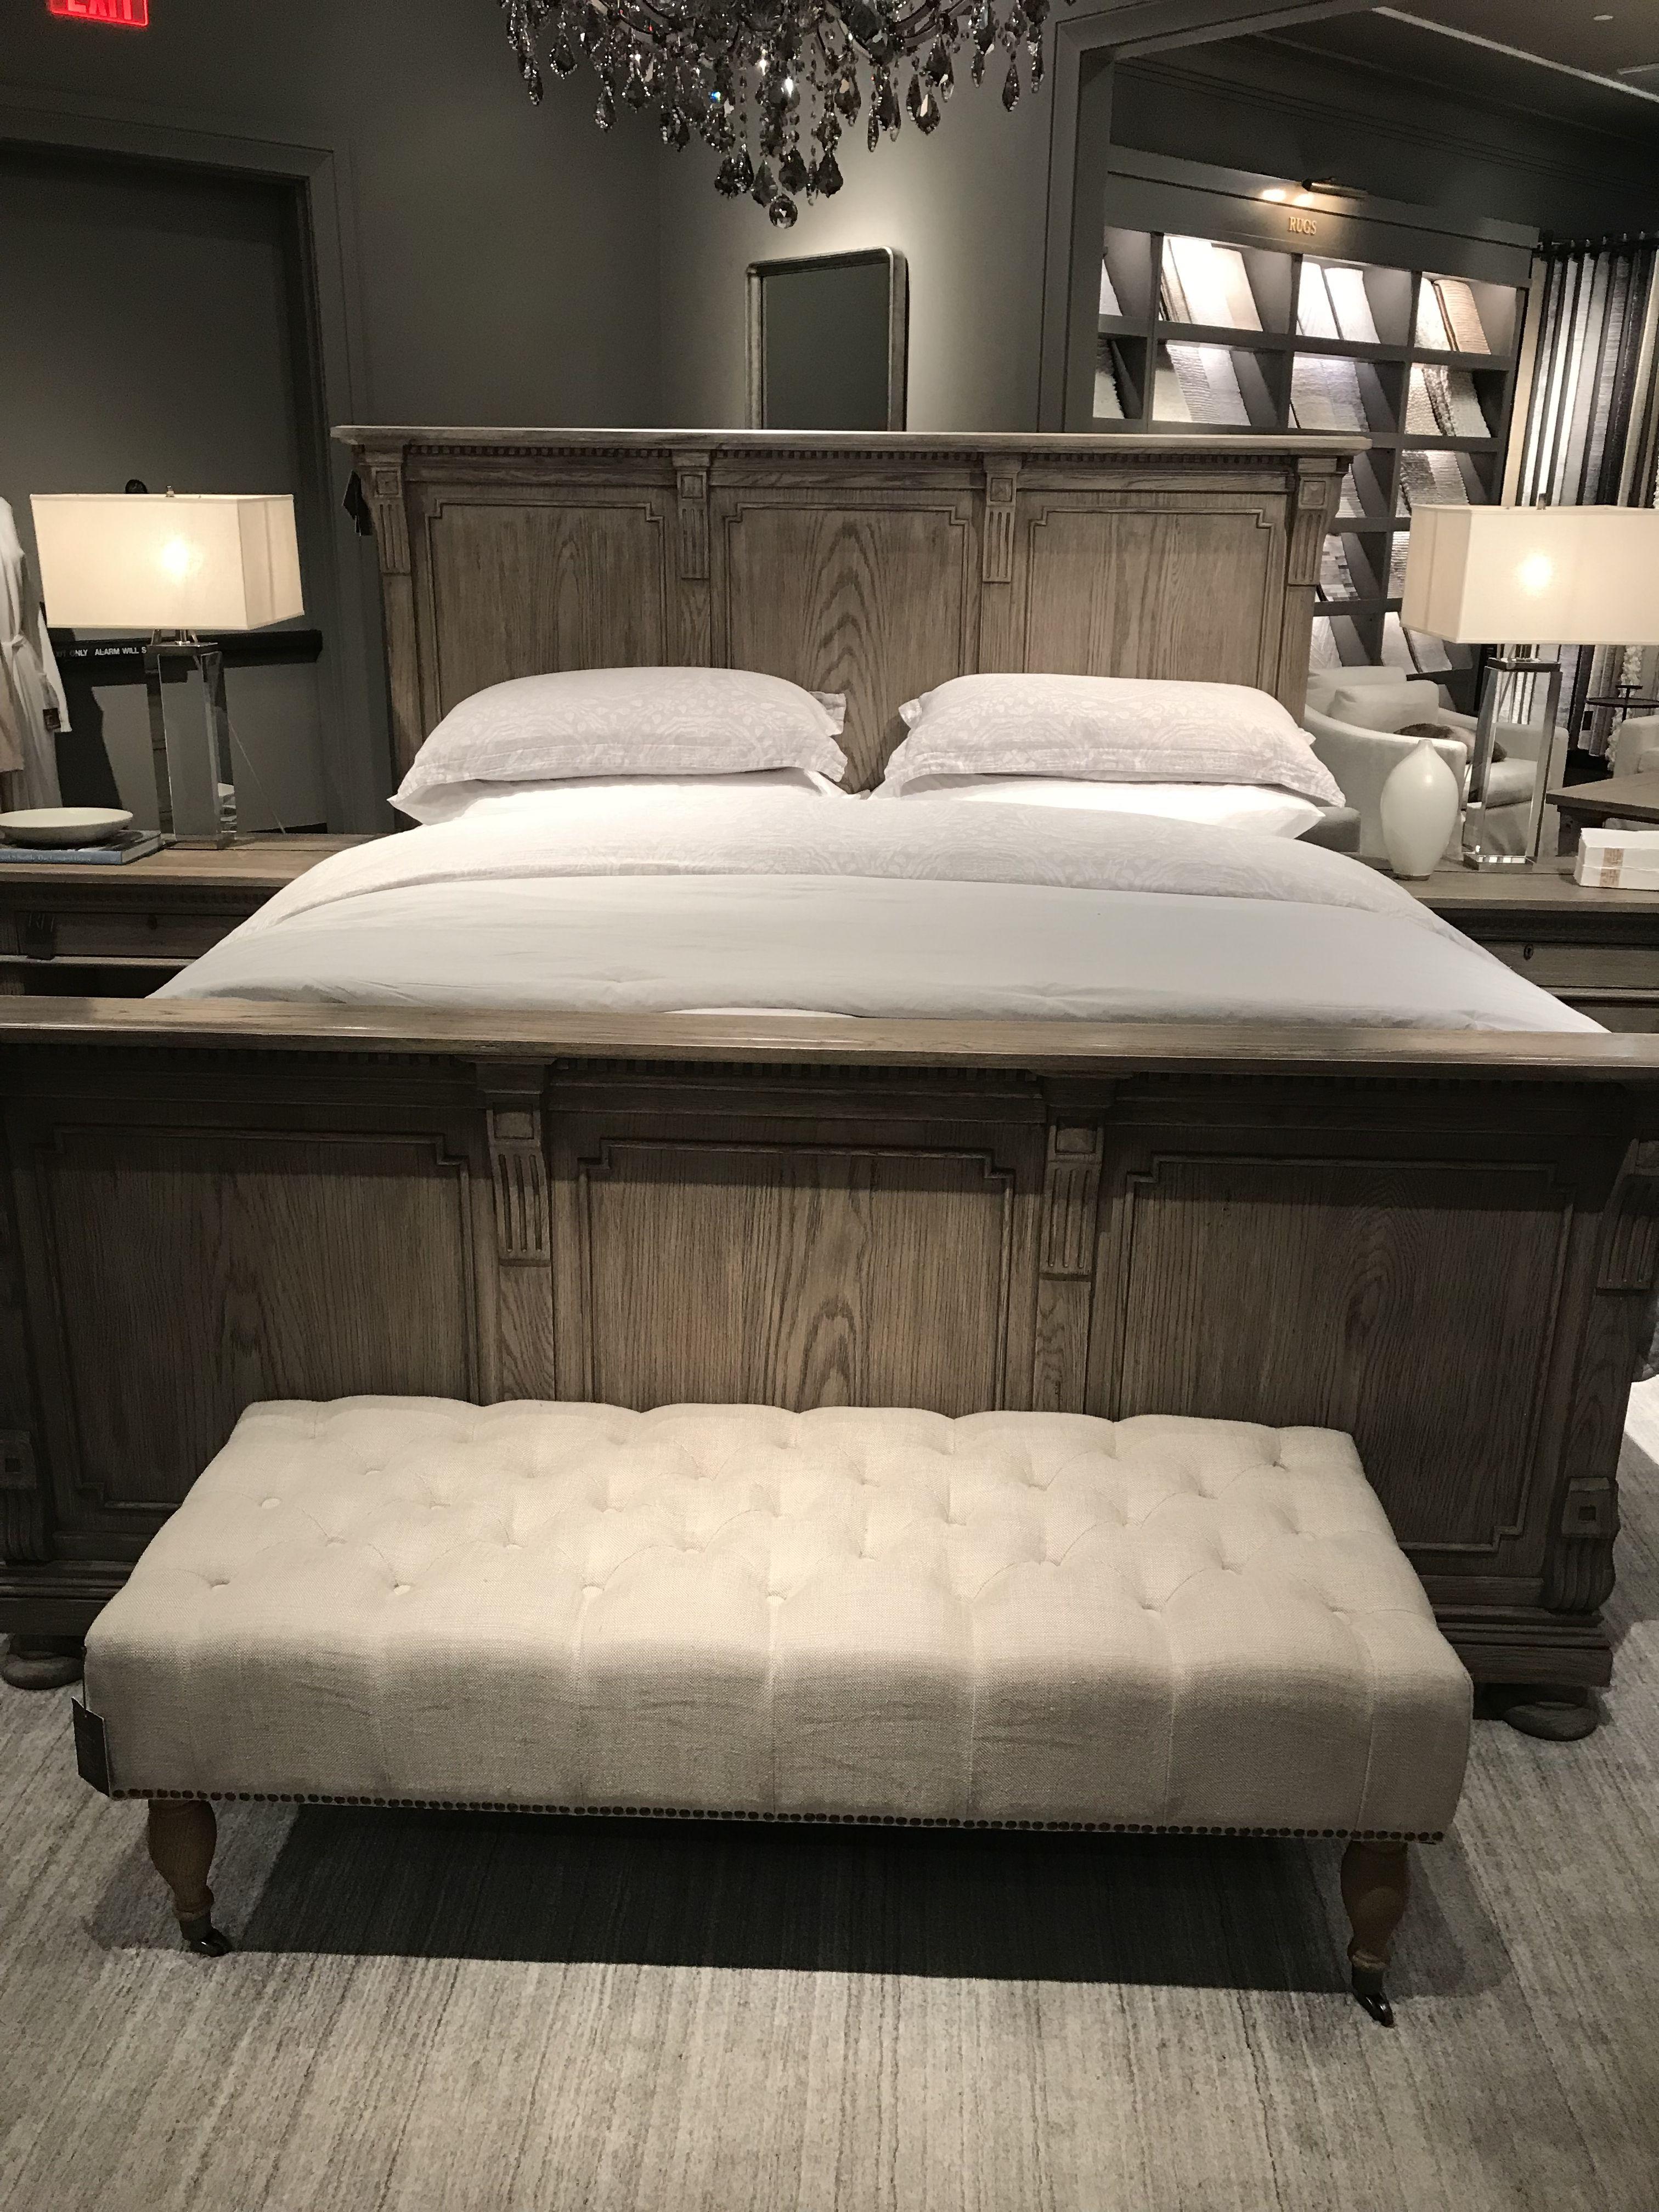 Pin by Jill Blackorby on master bedroom Master bedroom